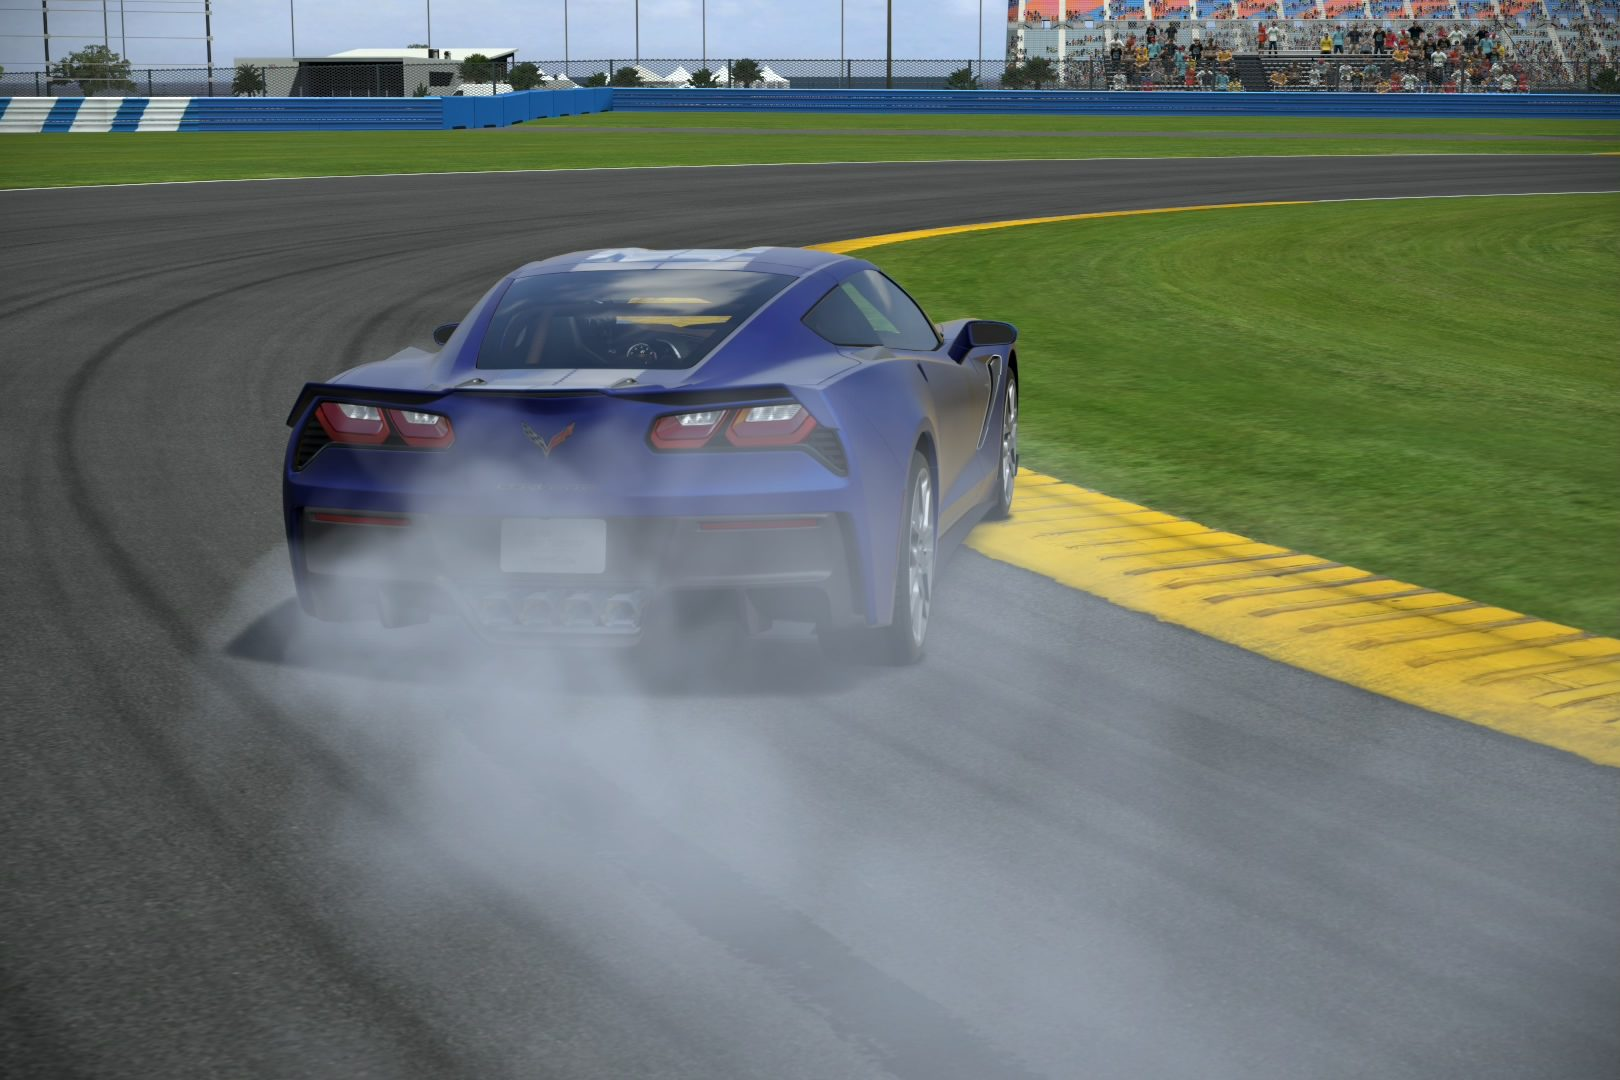 CorvetteGTimg1.jpg